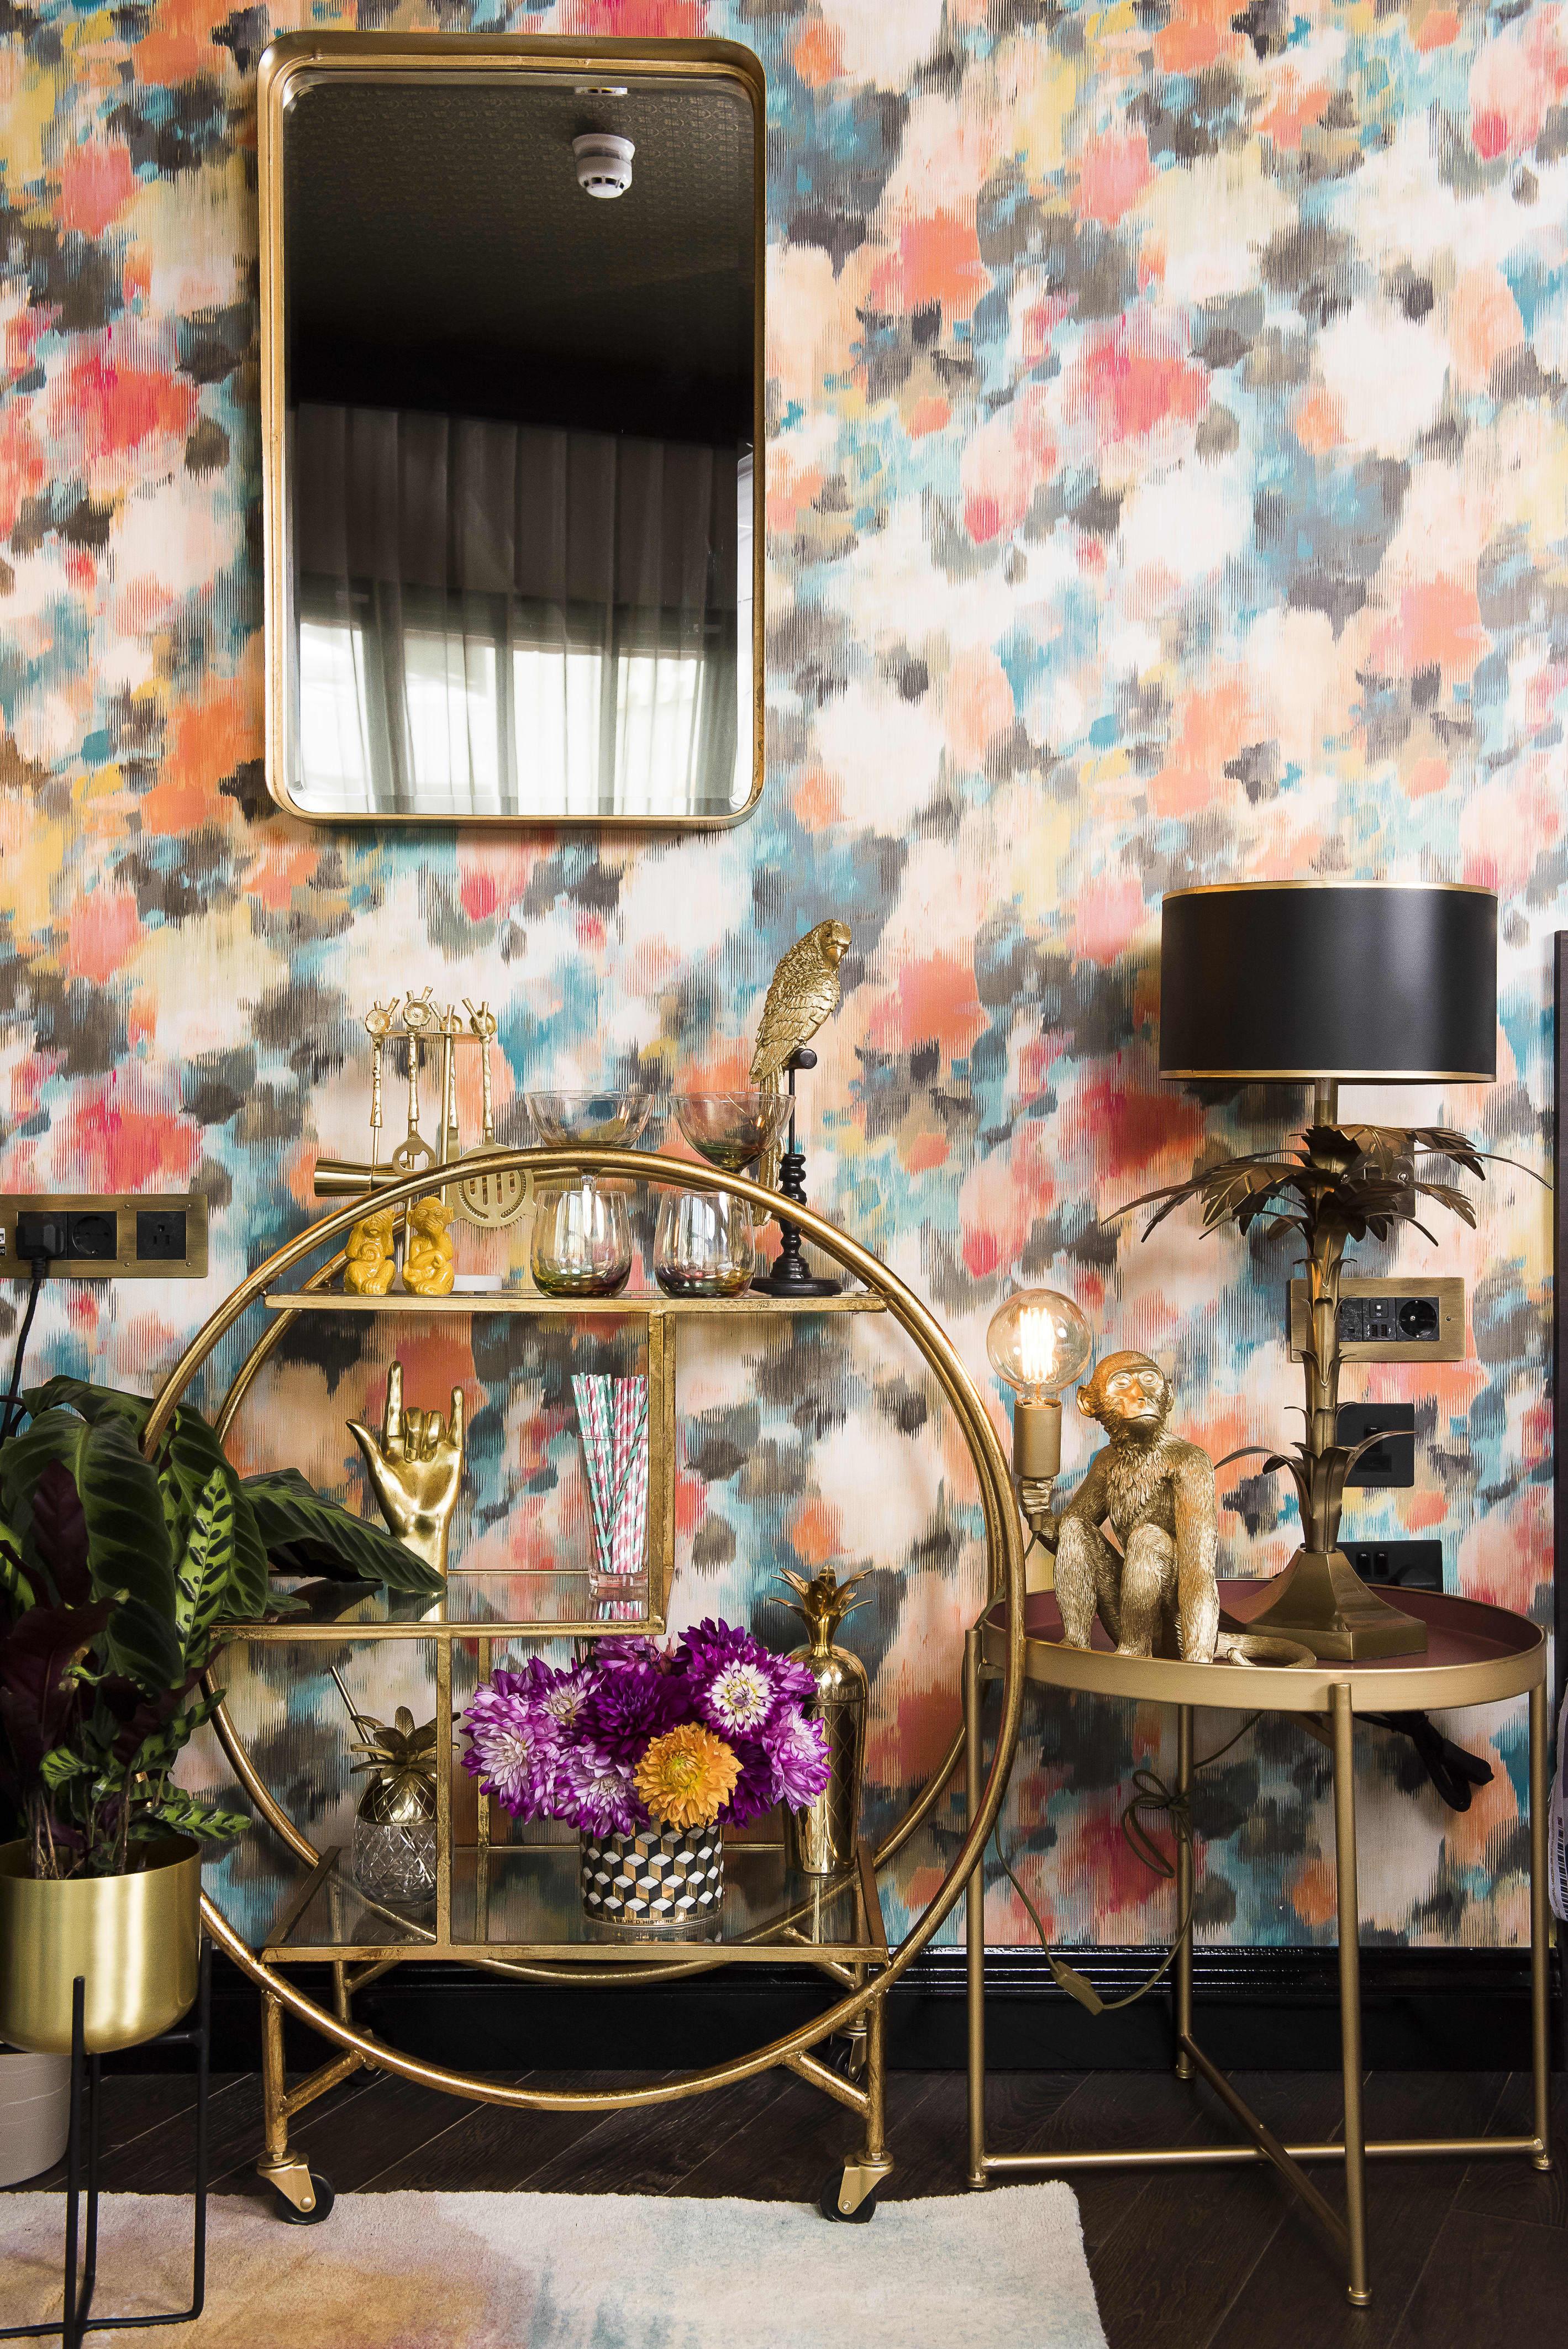 Minimalist Hotel Room: Minimalist Maximalist Hotel Room Design Decor